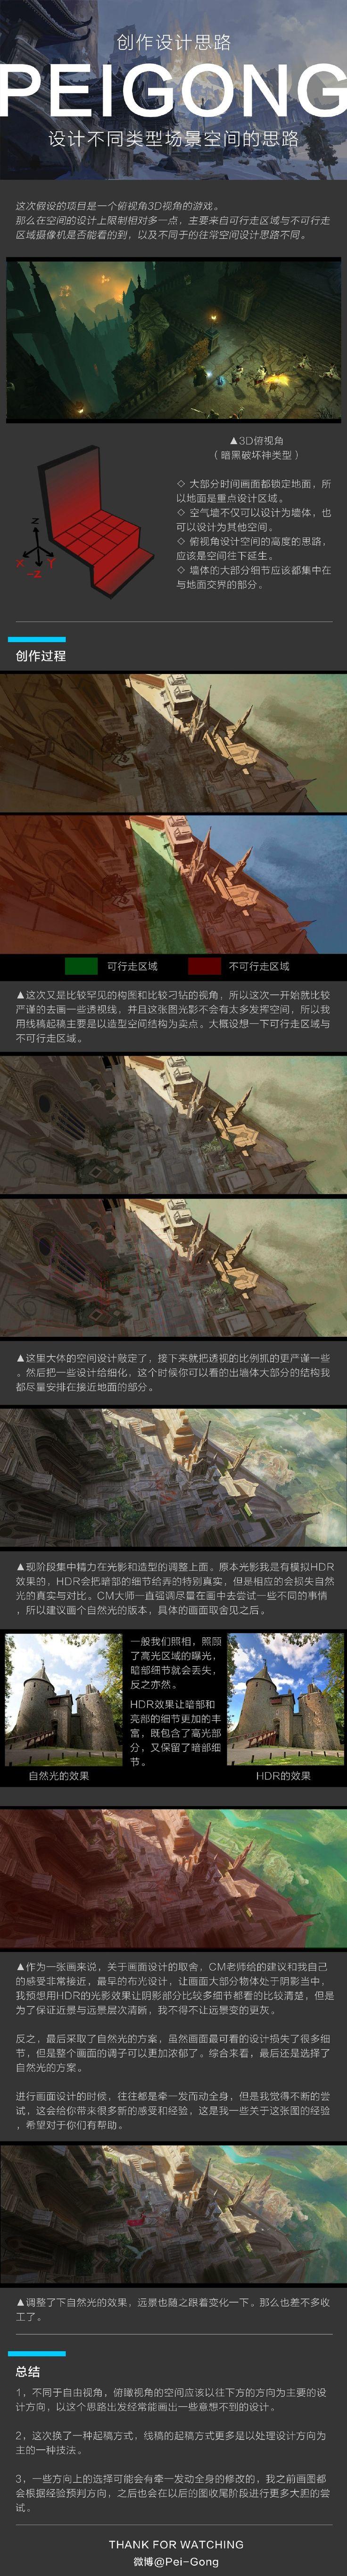 Pei-Gong 's Weibo_Weibo